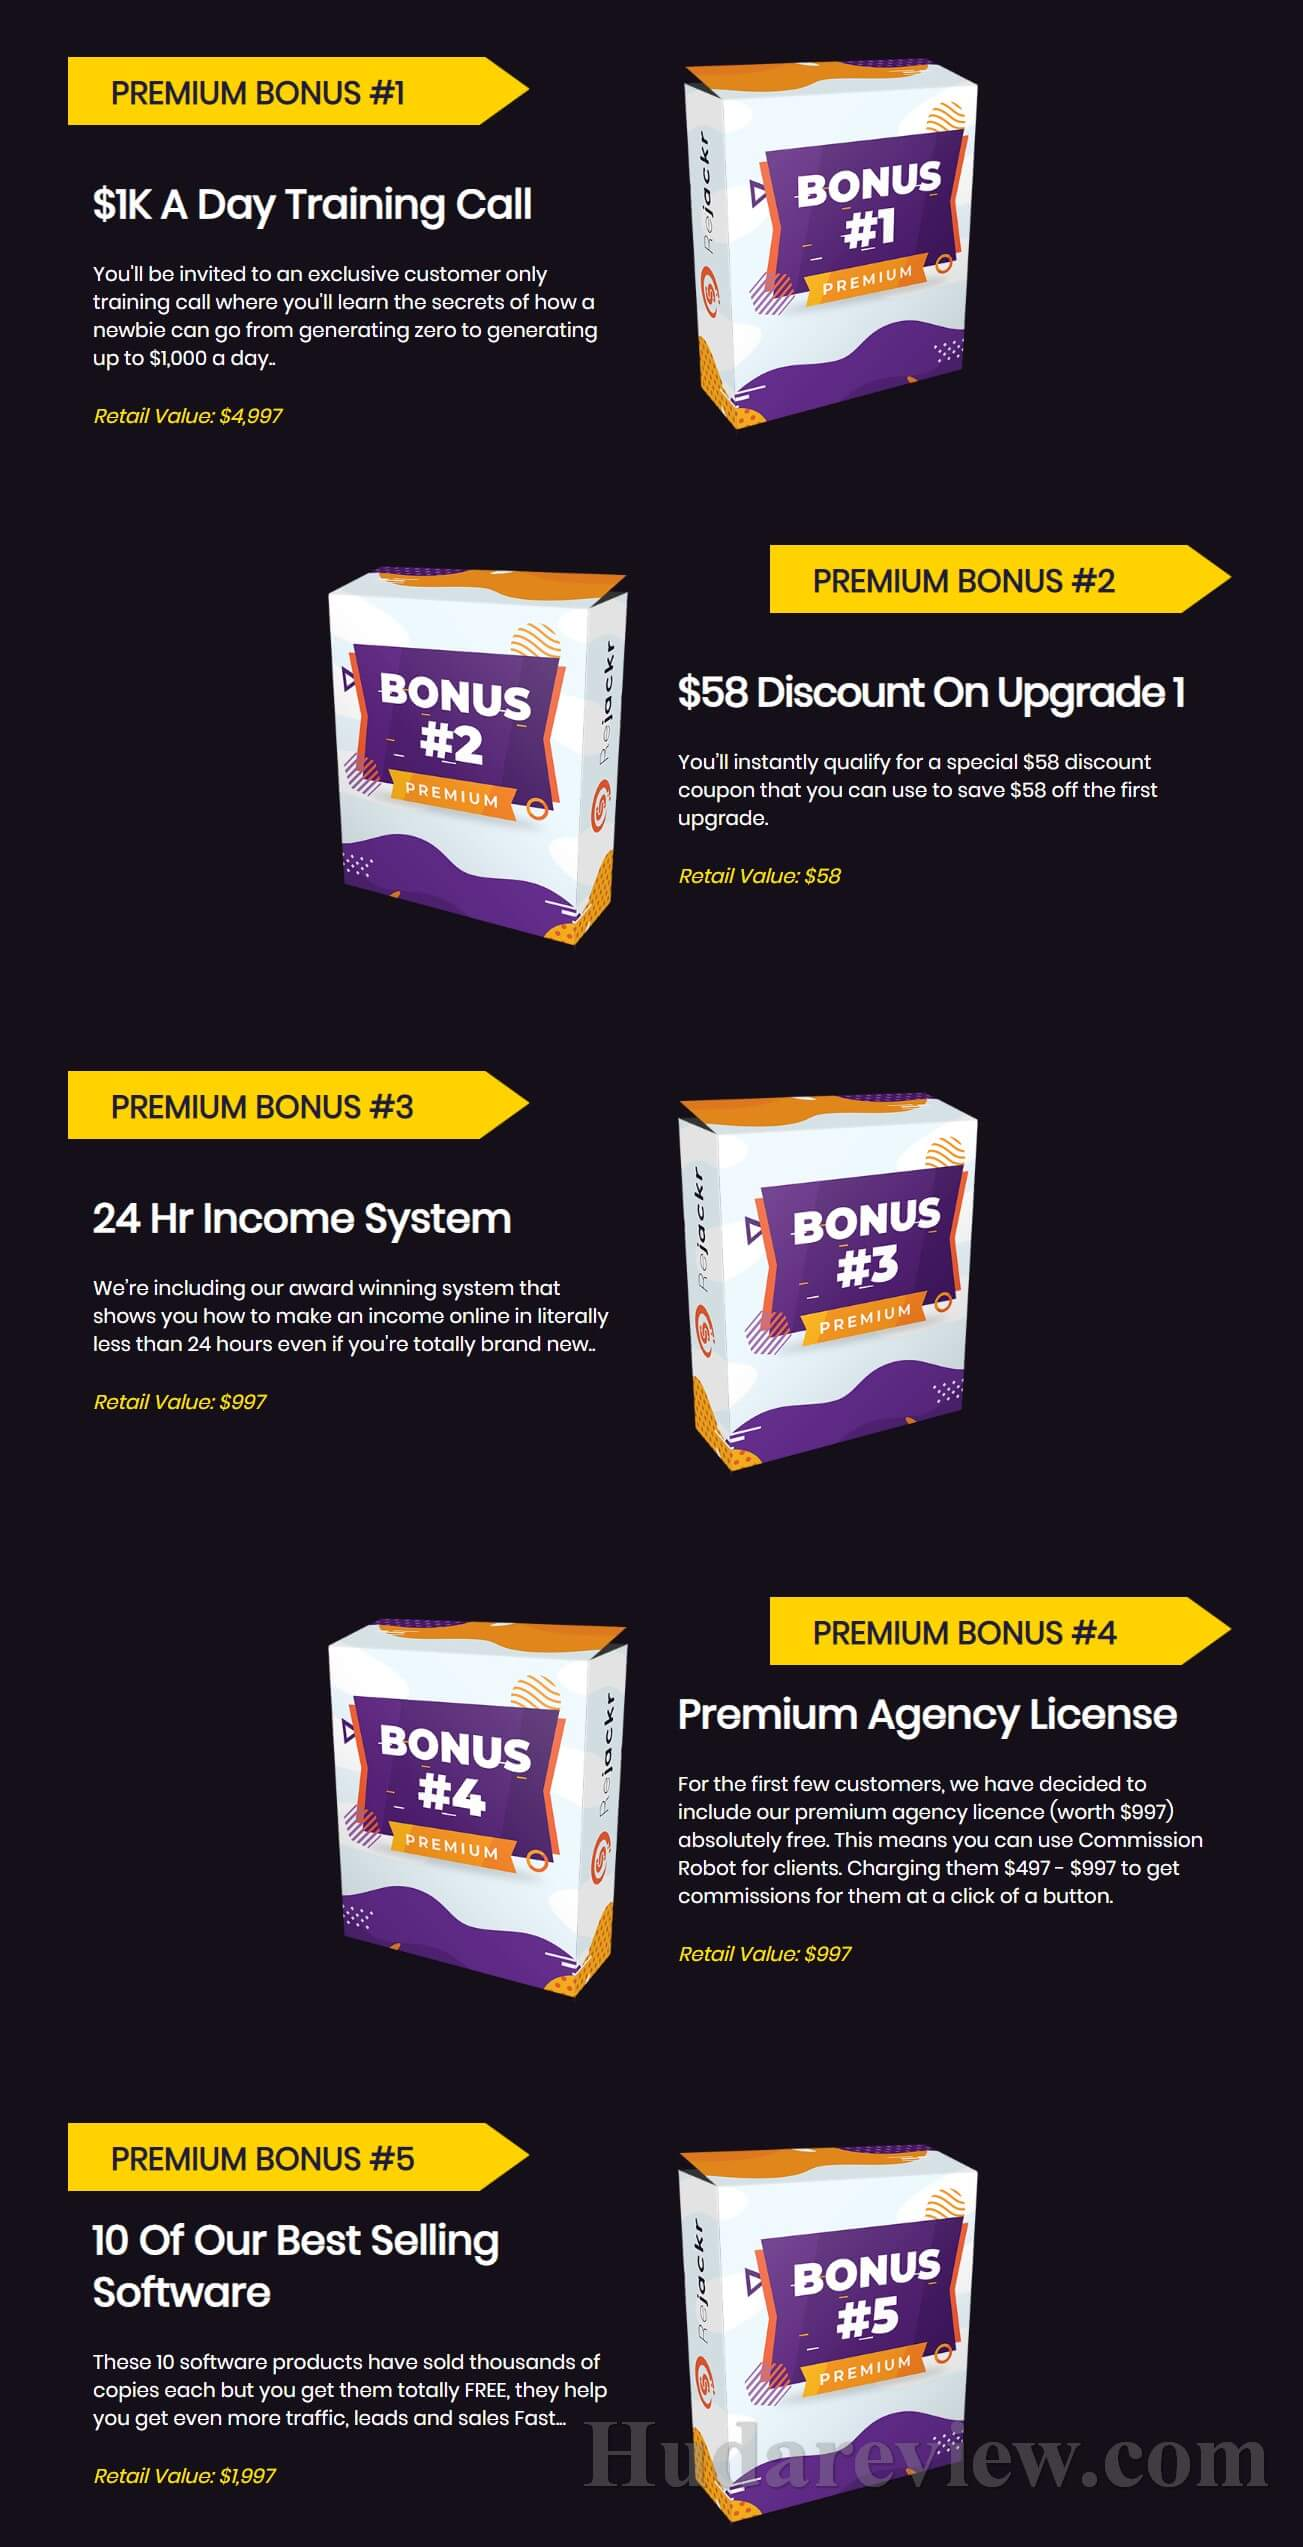 Rejackr-Bonuses